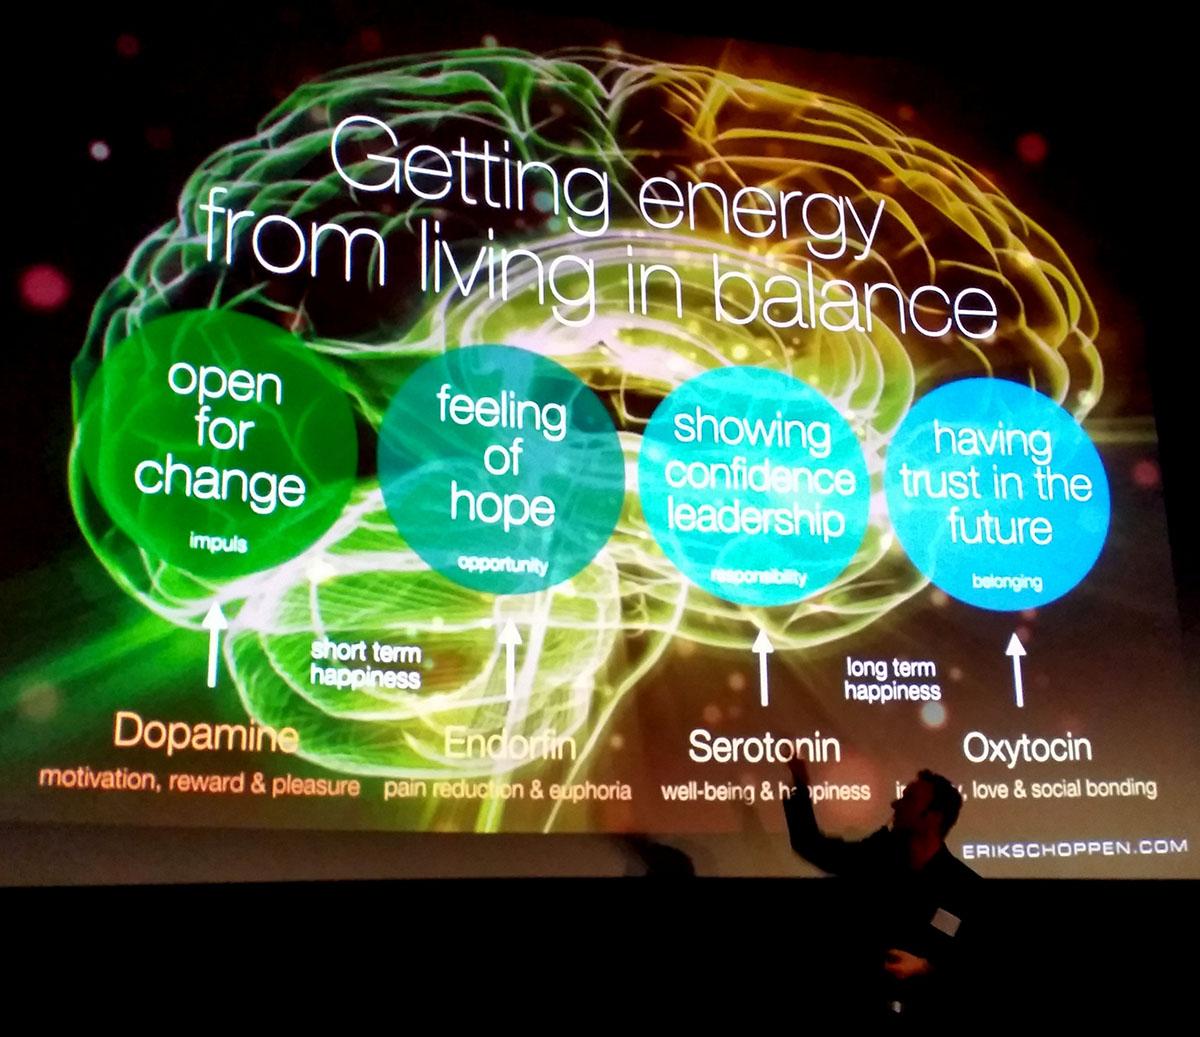 EDST15 - Happy Energy Movement - Duurzaam denken